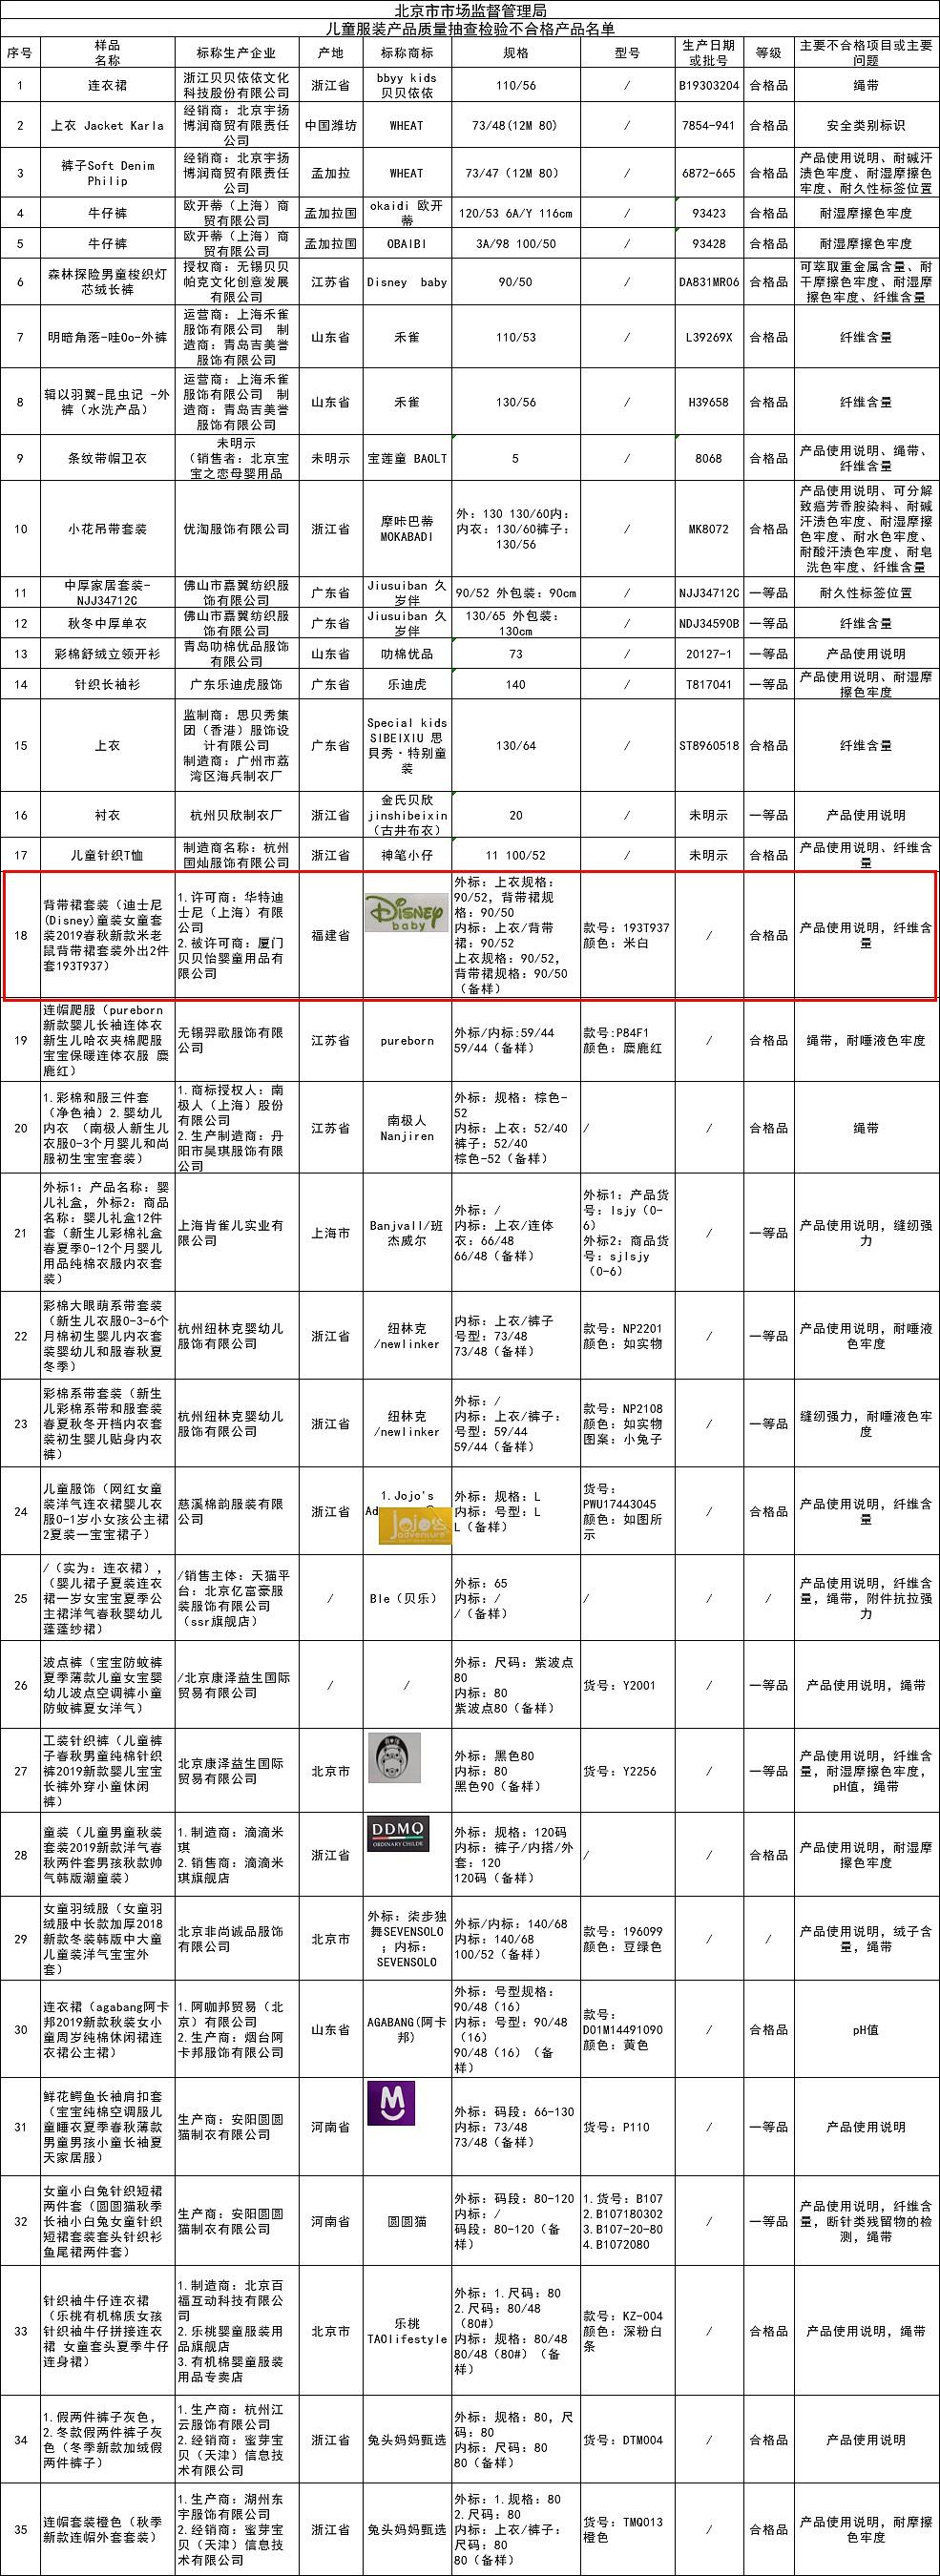 北京市抽检儿童服装 迪士尼童装等多家品牌产品不合格